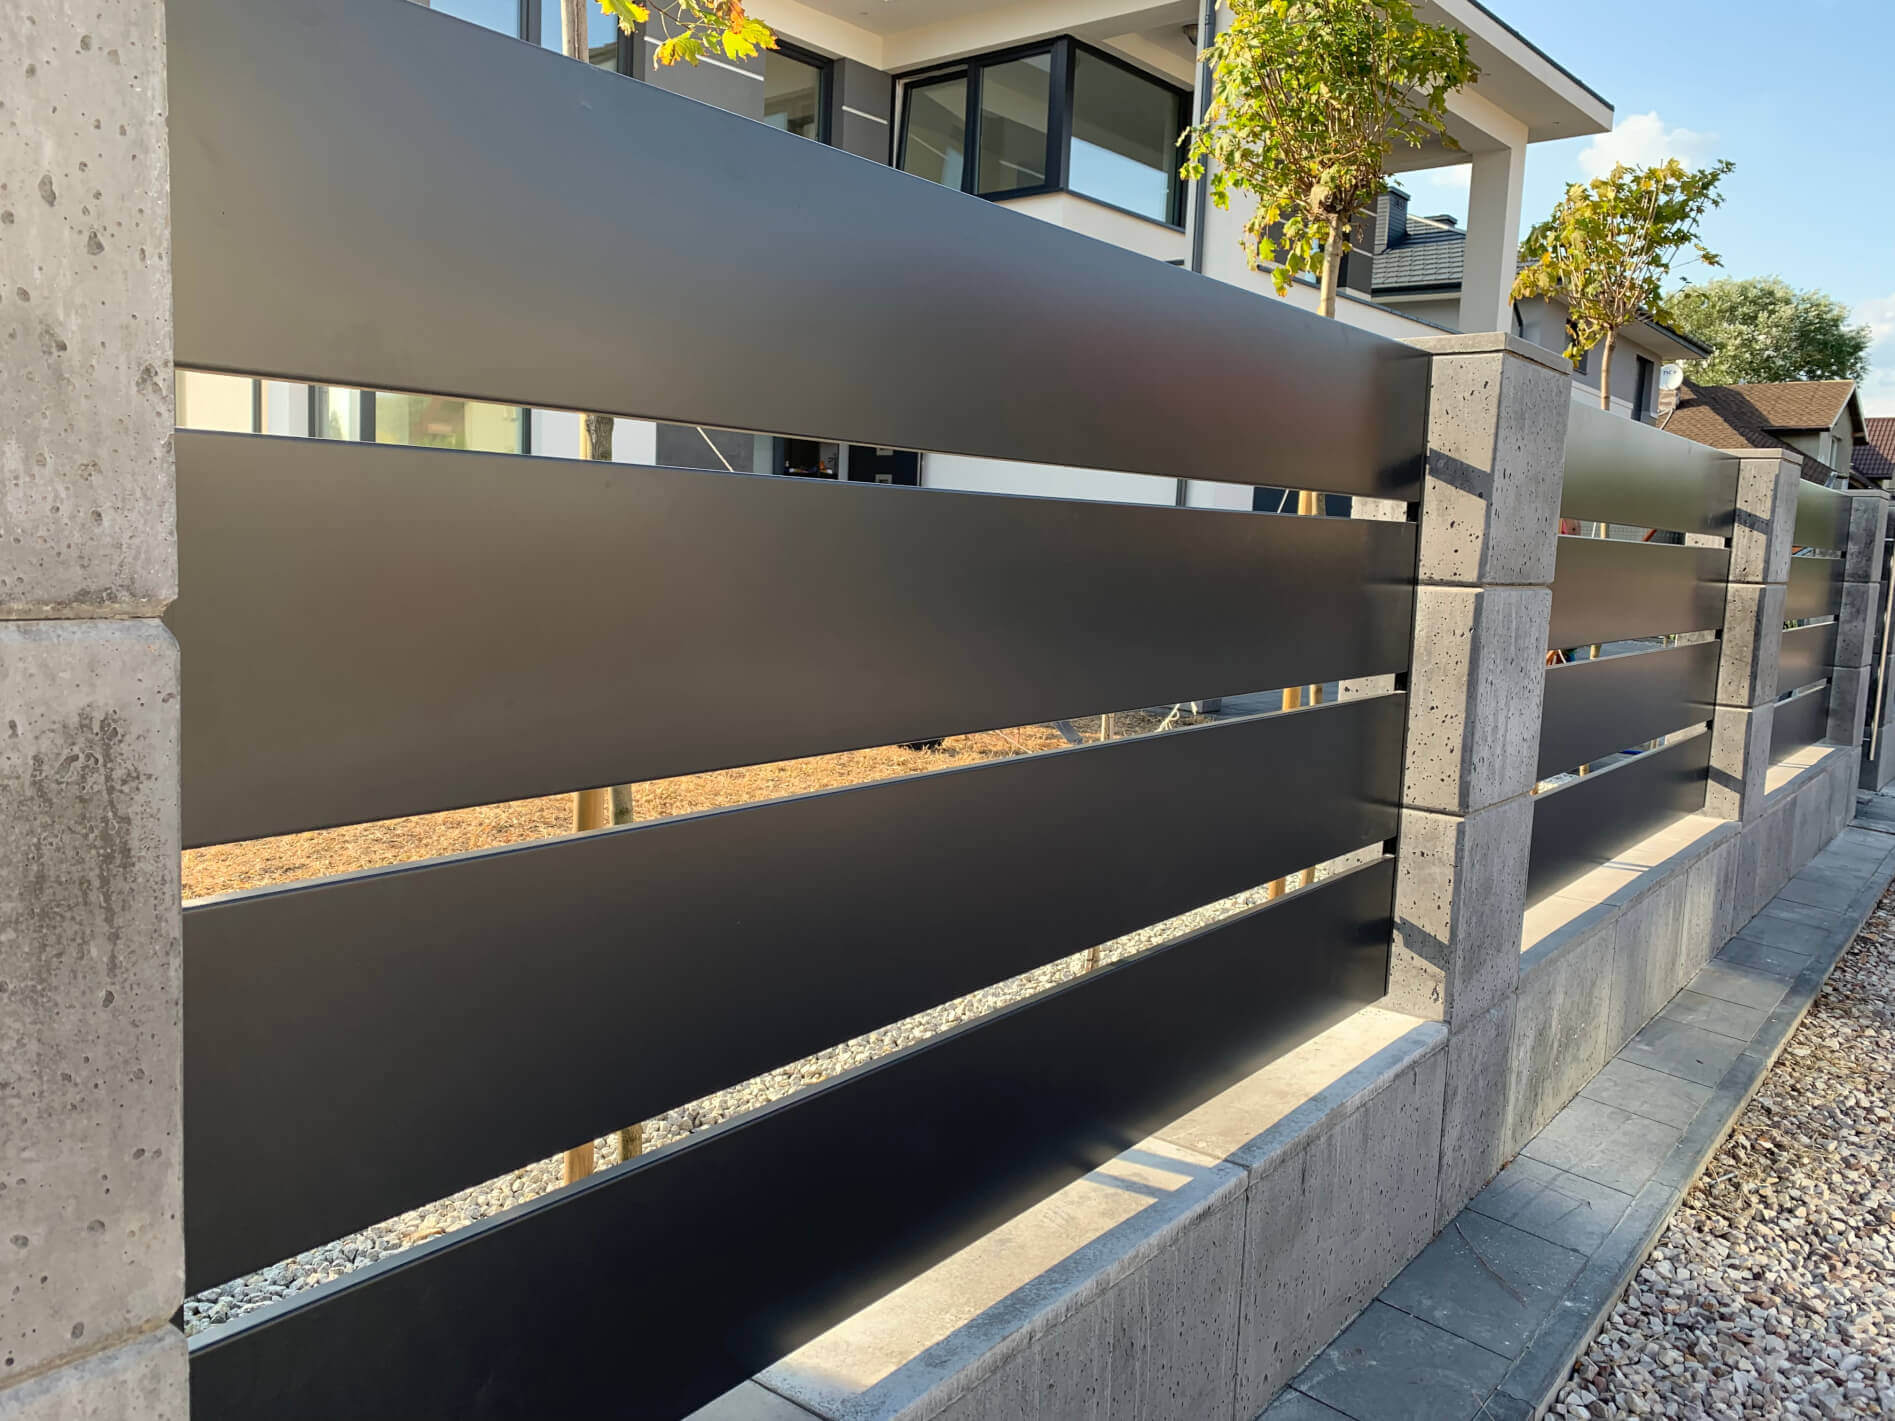 Nowoczesne ogrodzenie z przęsłami aluminiowymi i słupkami z pustaka gładkiego